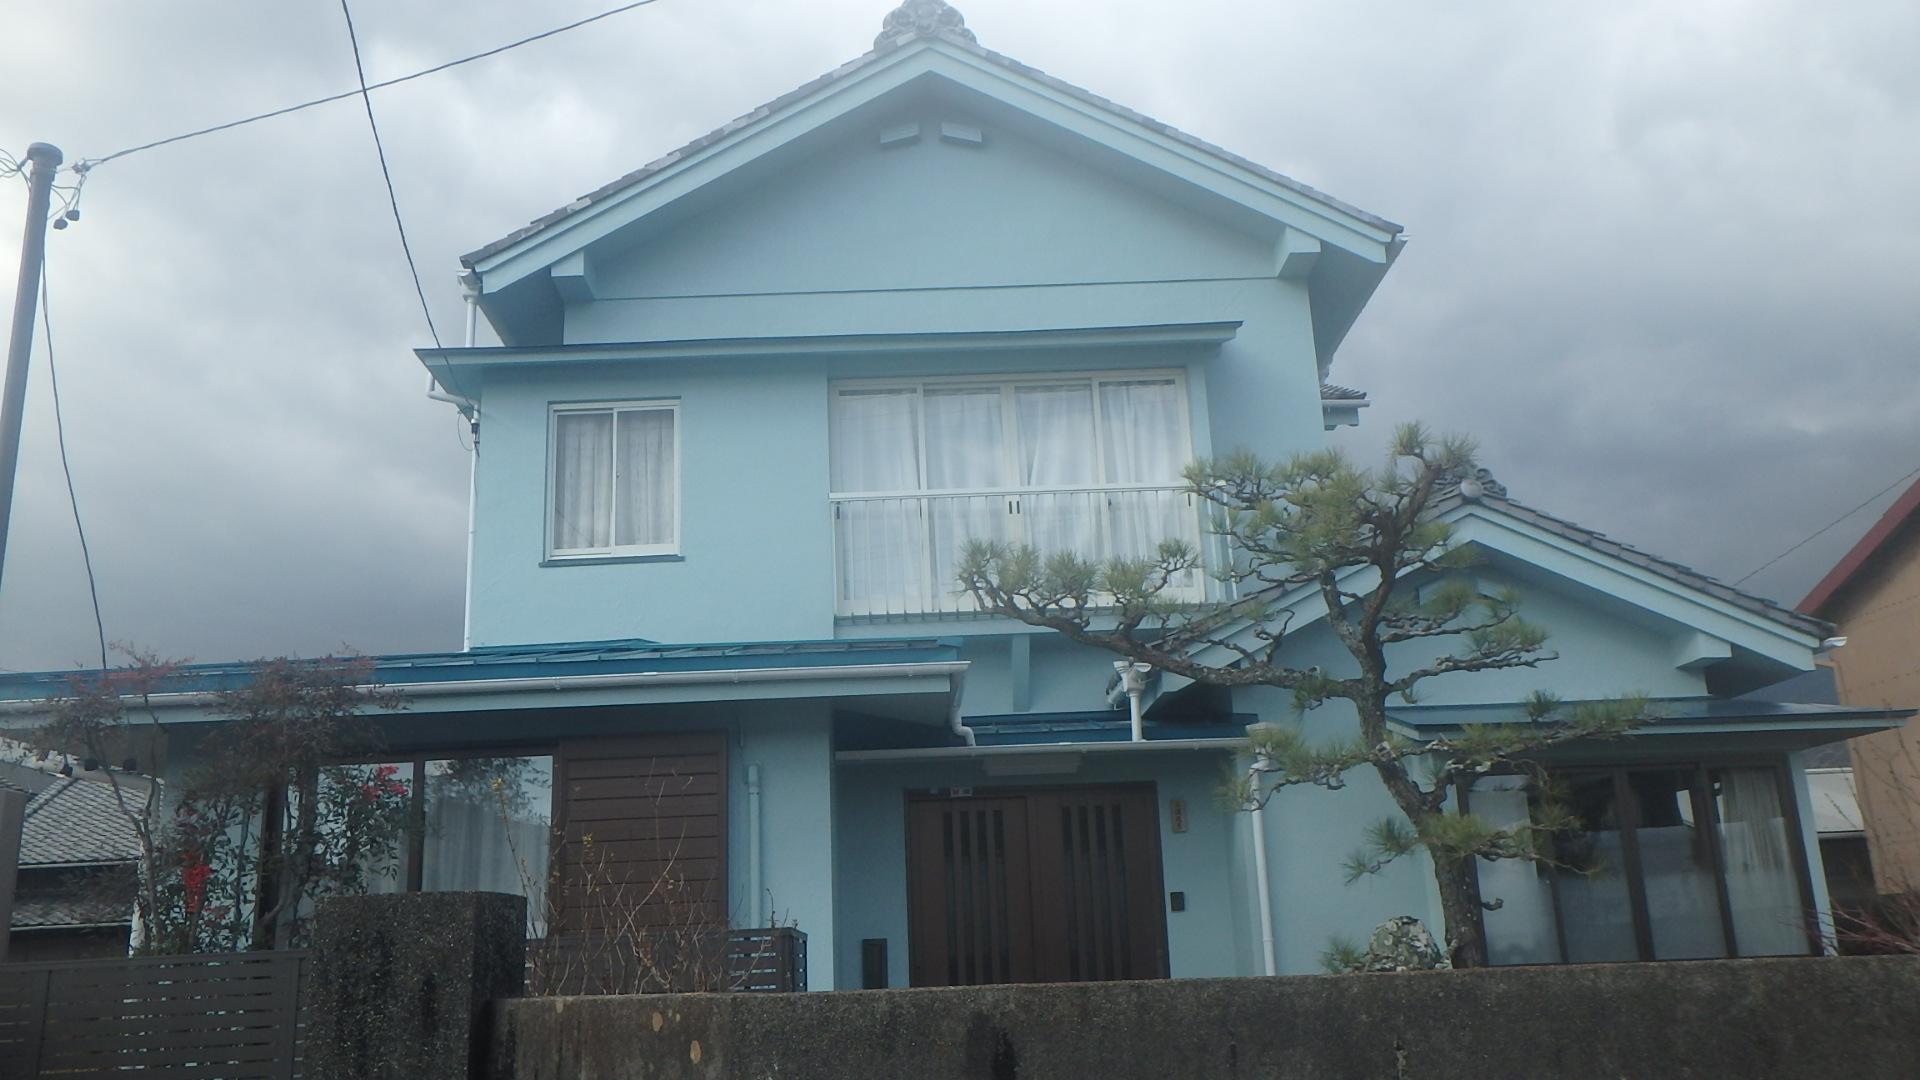 各素材に適した塗料で、早期劣化の心配はいりません。しっかり雨水から家を守ります